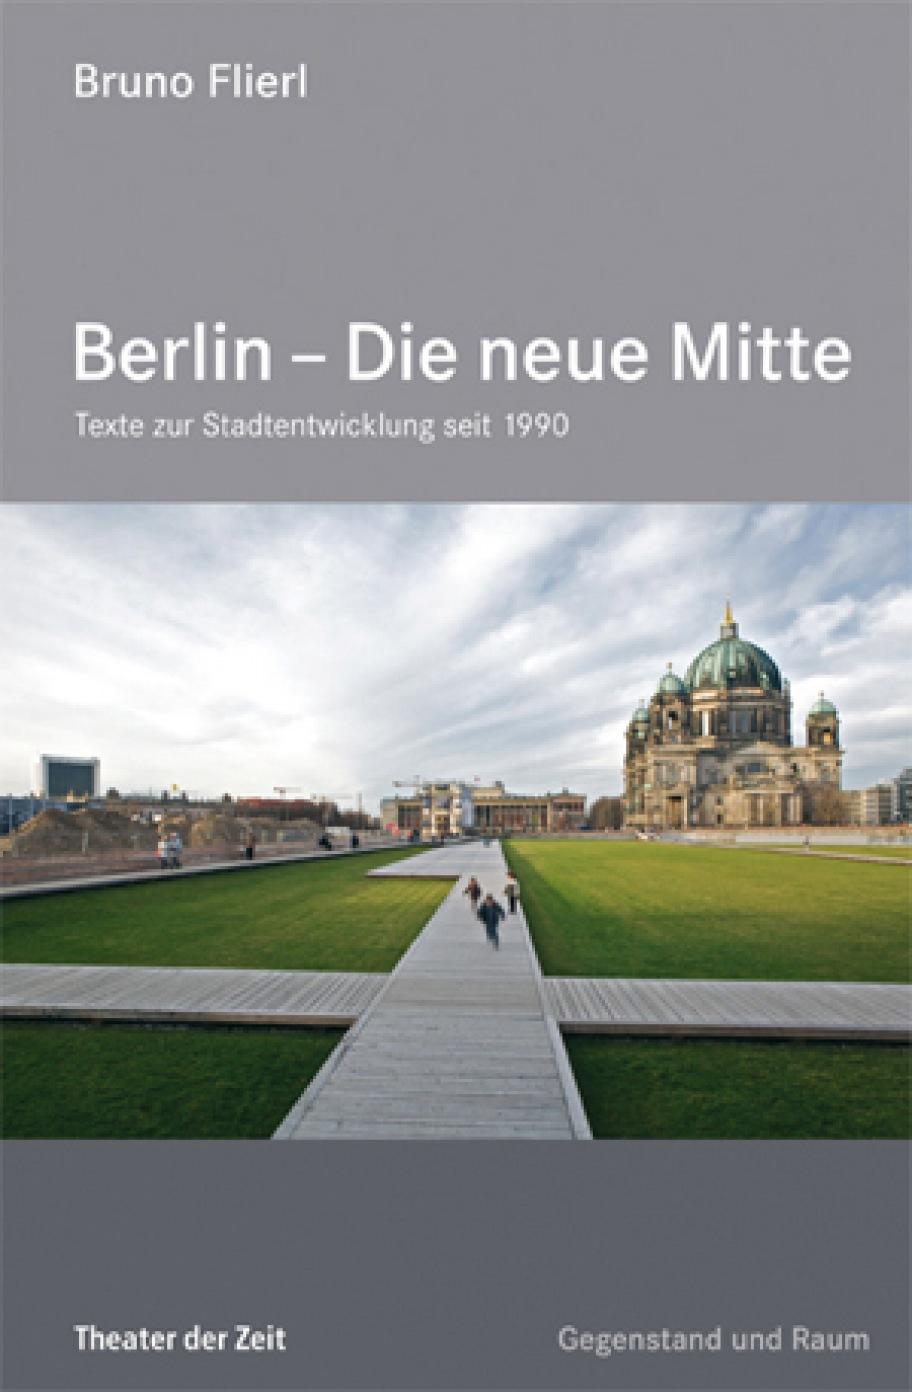 Bruno Flierl: Berlin – Die neue Mitte